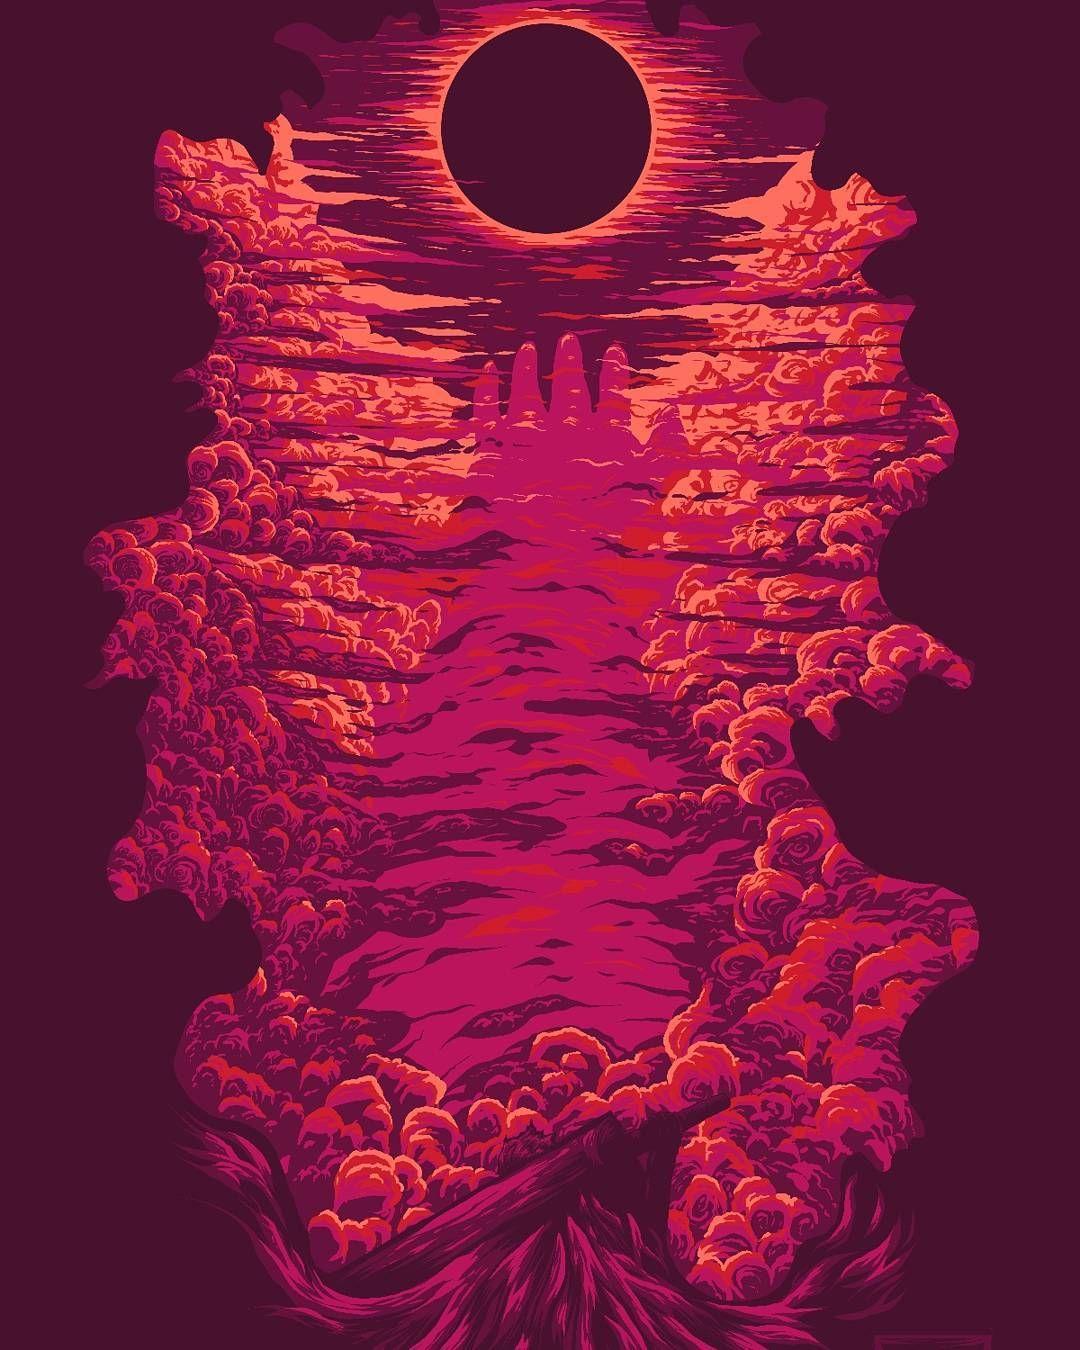 berserk the golden age arc 3 - descent vf